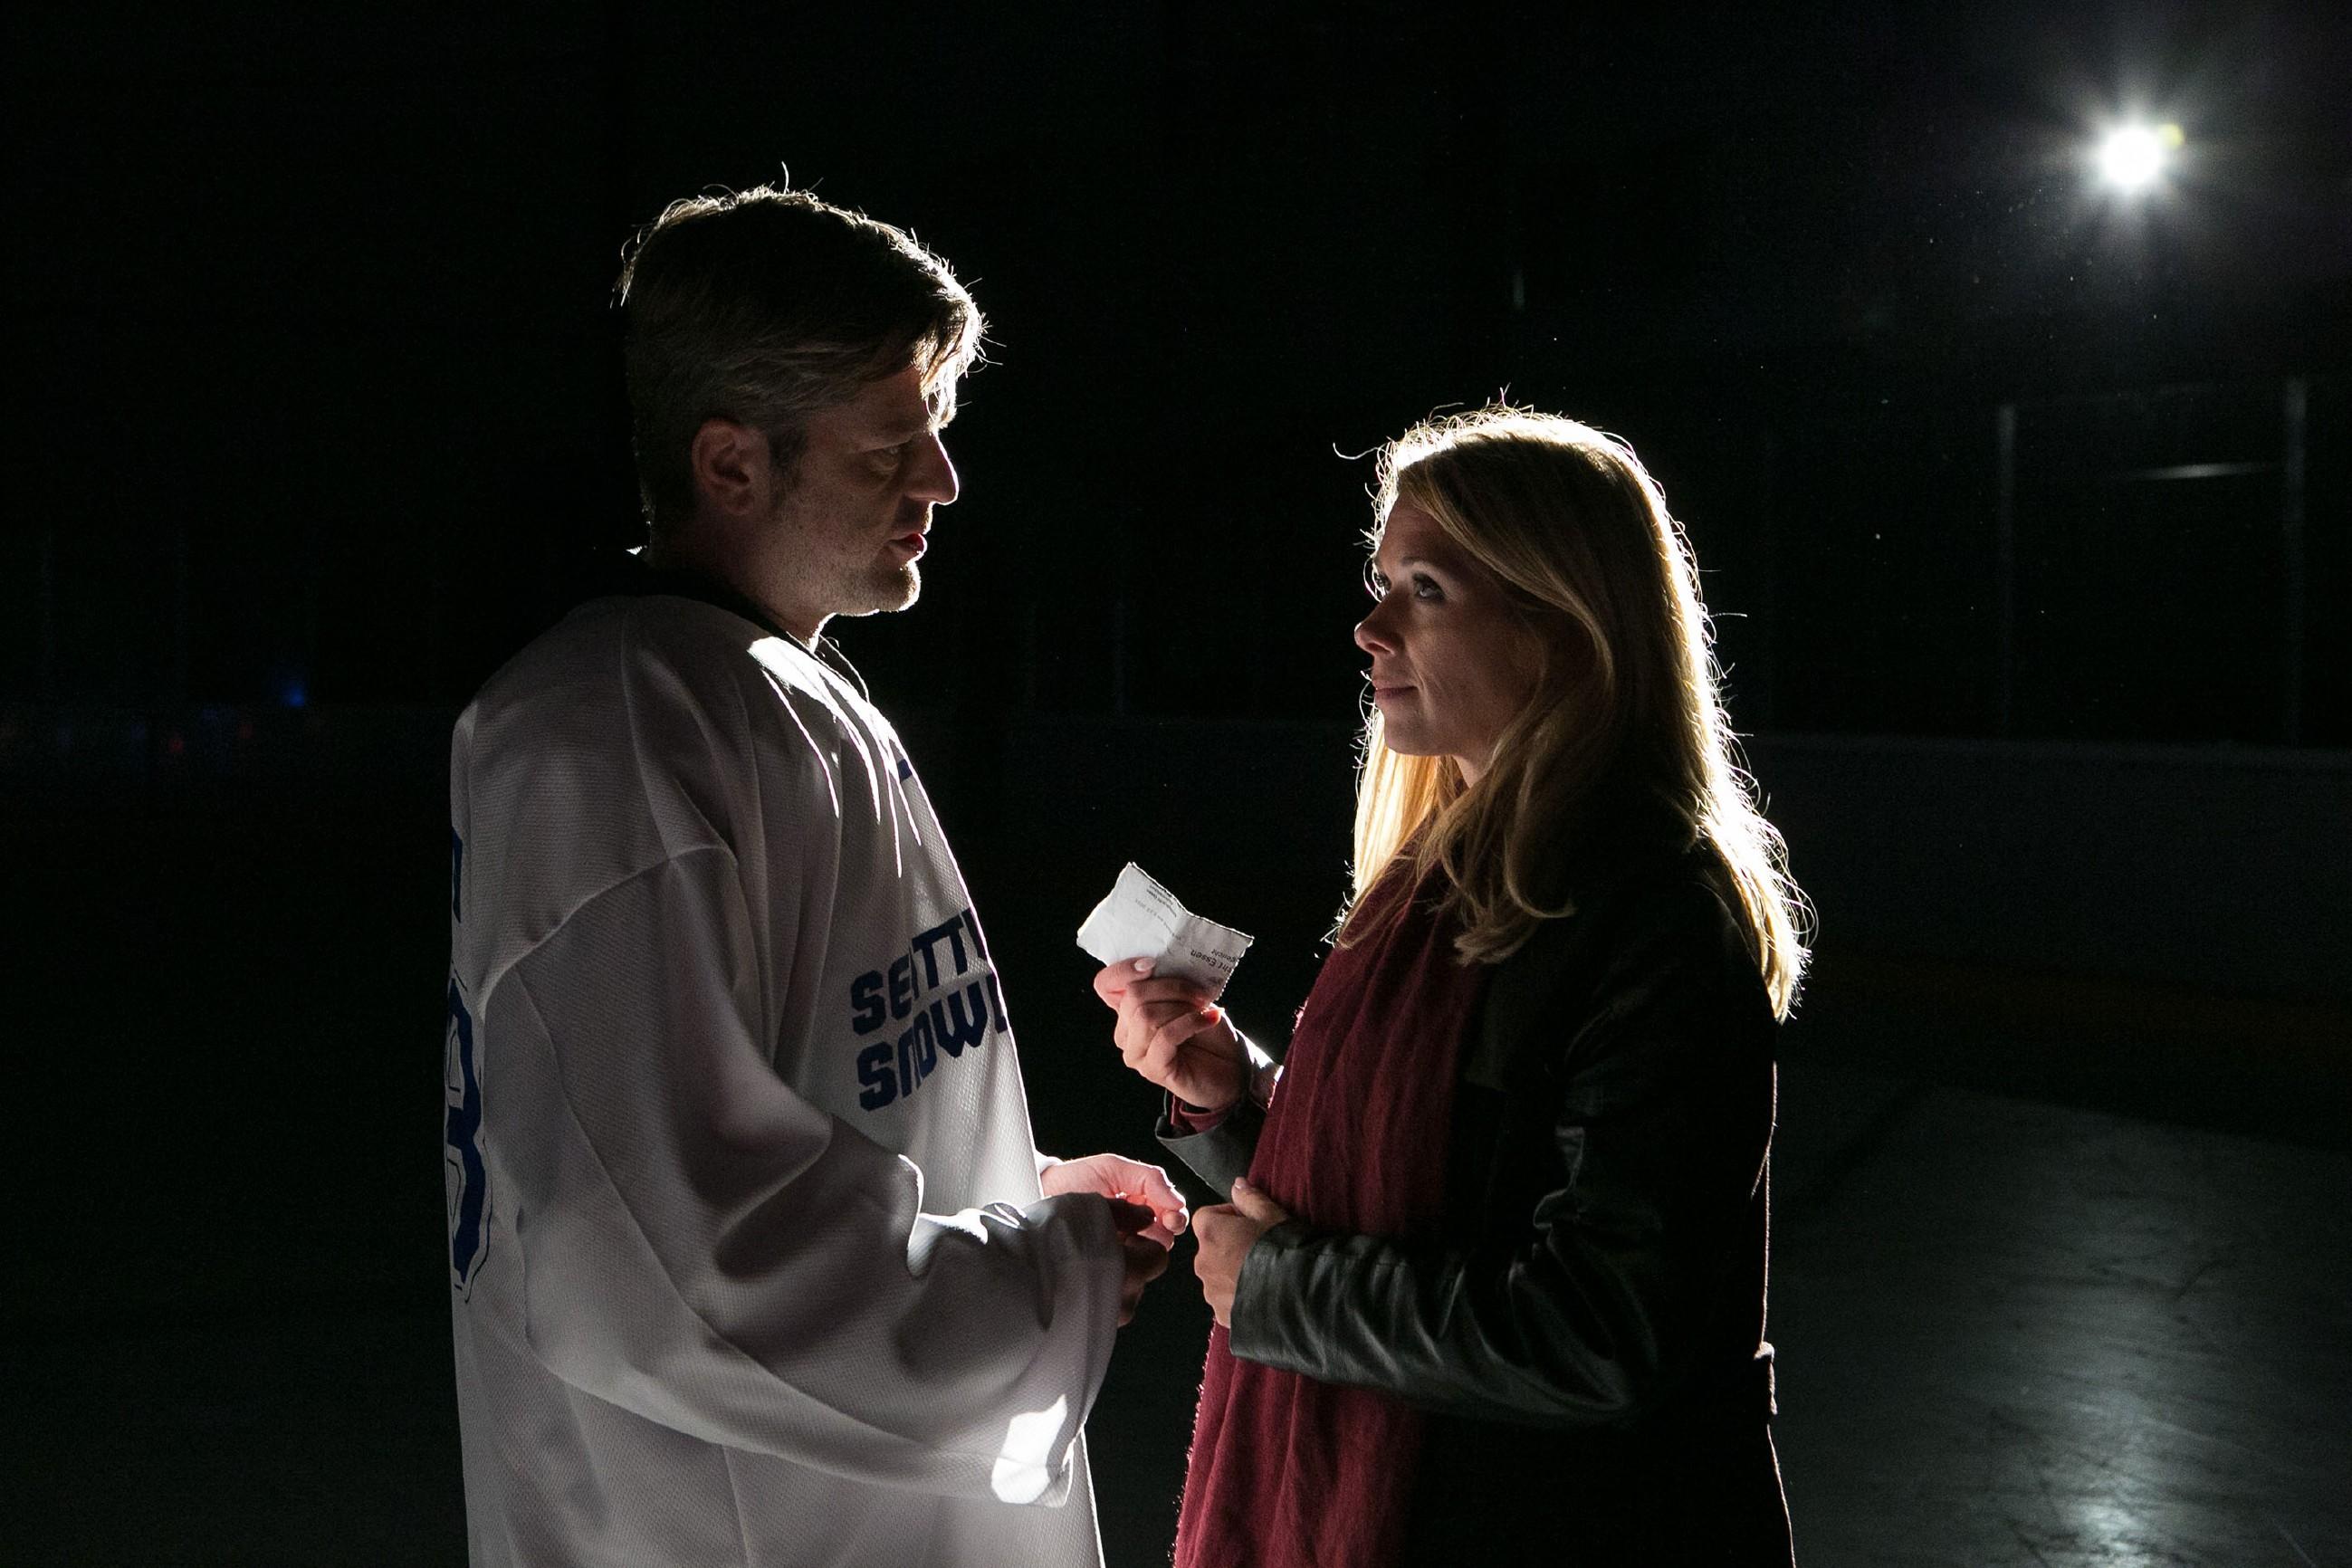 Ingo (André Dietz) hat sich als Eishockey-Spieler verkleidet in die Halle geschmuggelt, steht endlich vor Diana (Tanja Szewczenko) und erklärt ihr seine Liebe: Wird sie ihn erhören? (Quelle: RTL / Kai Schulz)